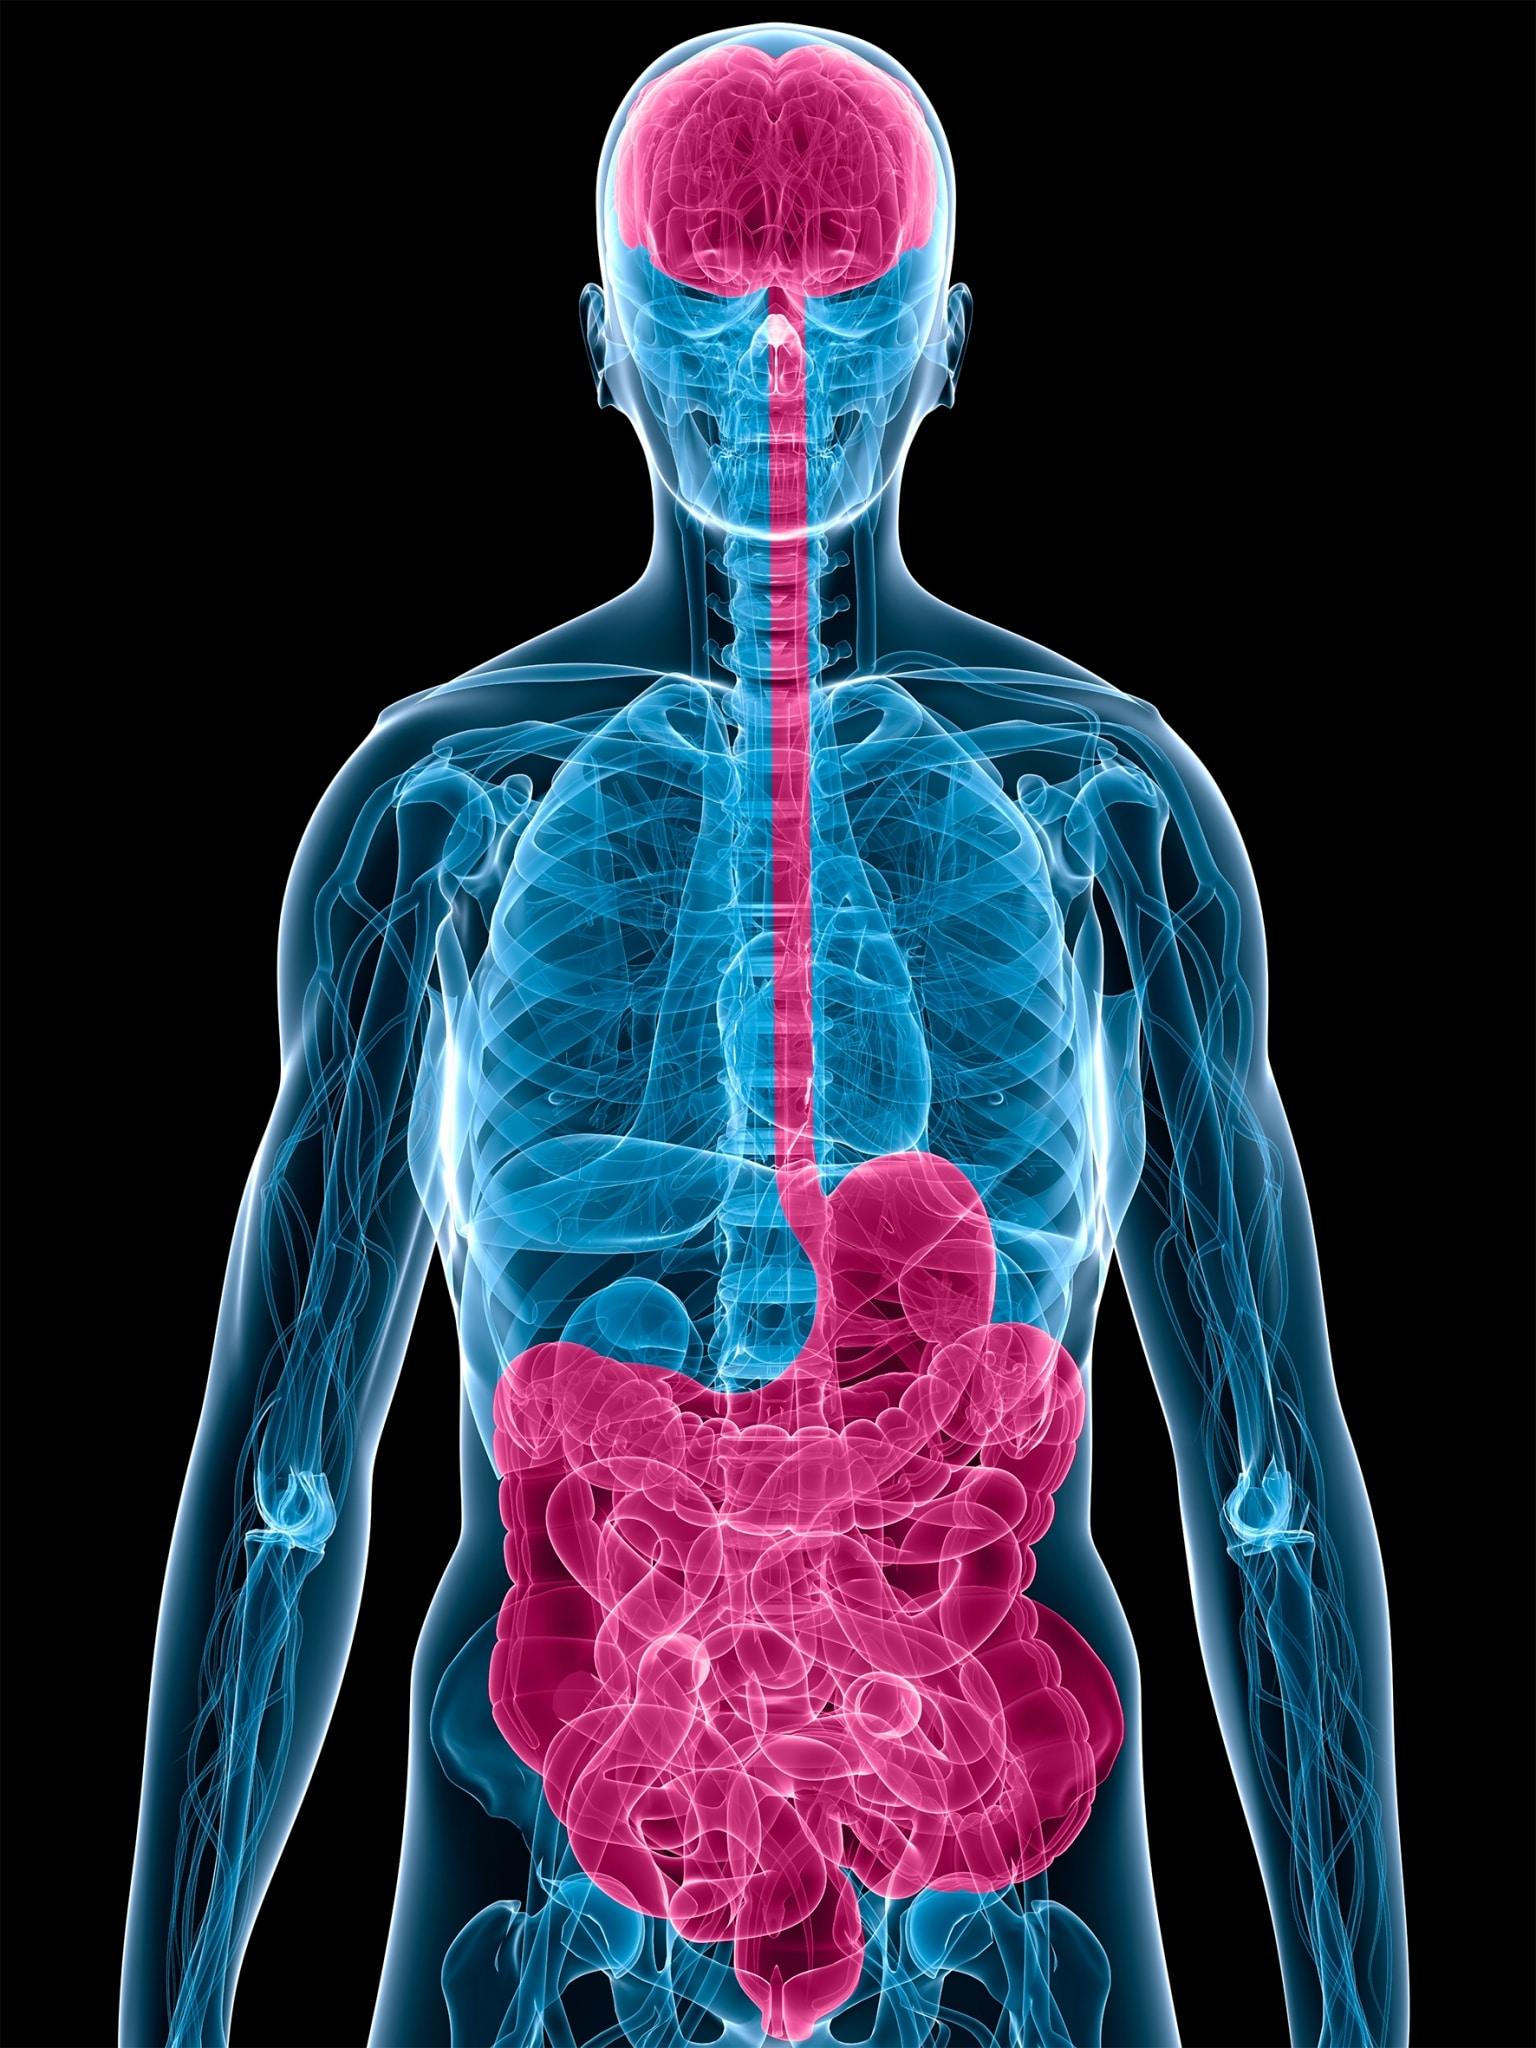 Unter der Bauch-Hirn-Achse, oder wissenschaftlich genauer Darm-Hirn- Achse, versteht man die enge Verbindung und den intensiven Informationsaustausch zwischen dem Darm und dem Gehirn, und zwar in beiden Richtungen.